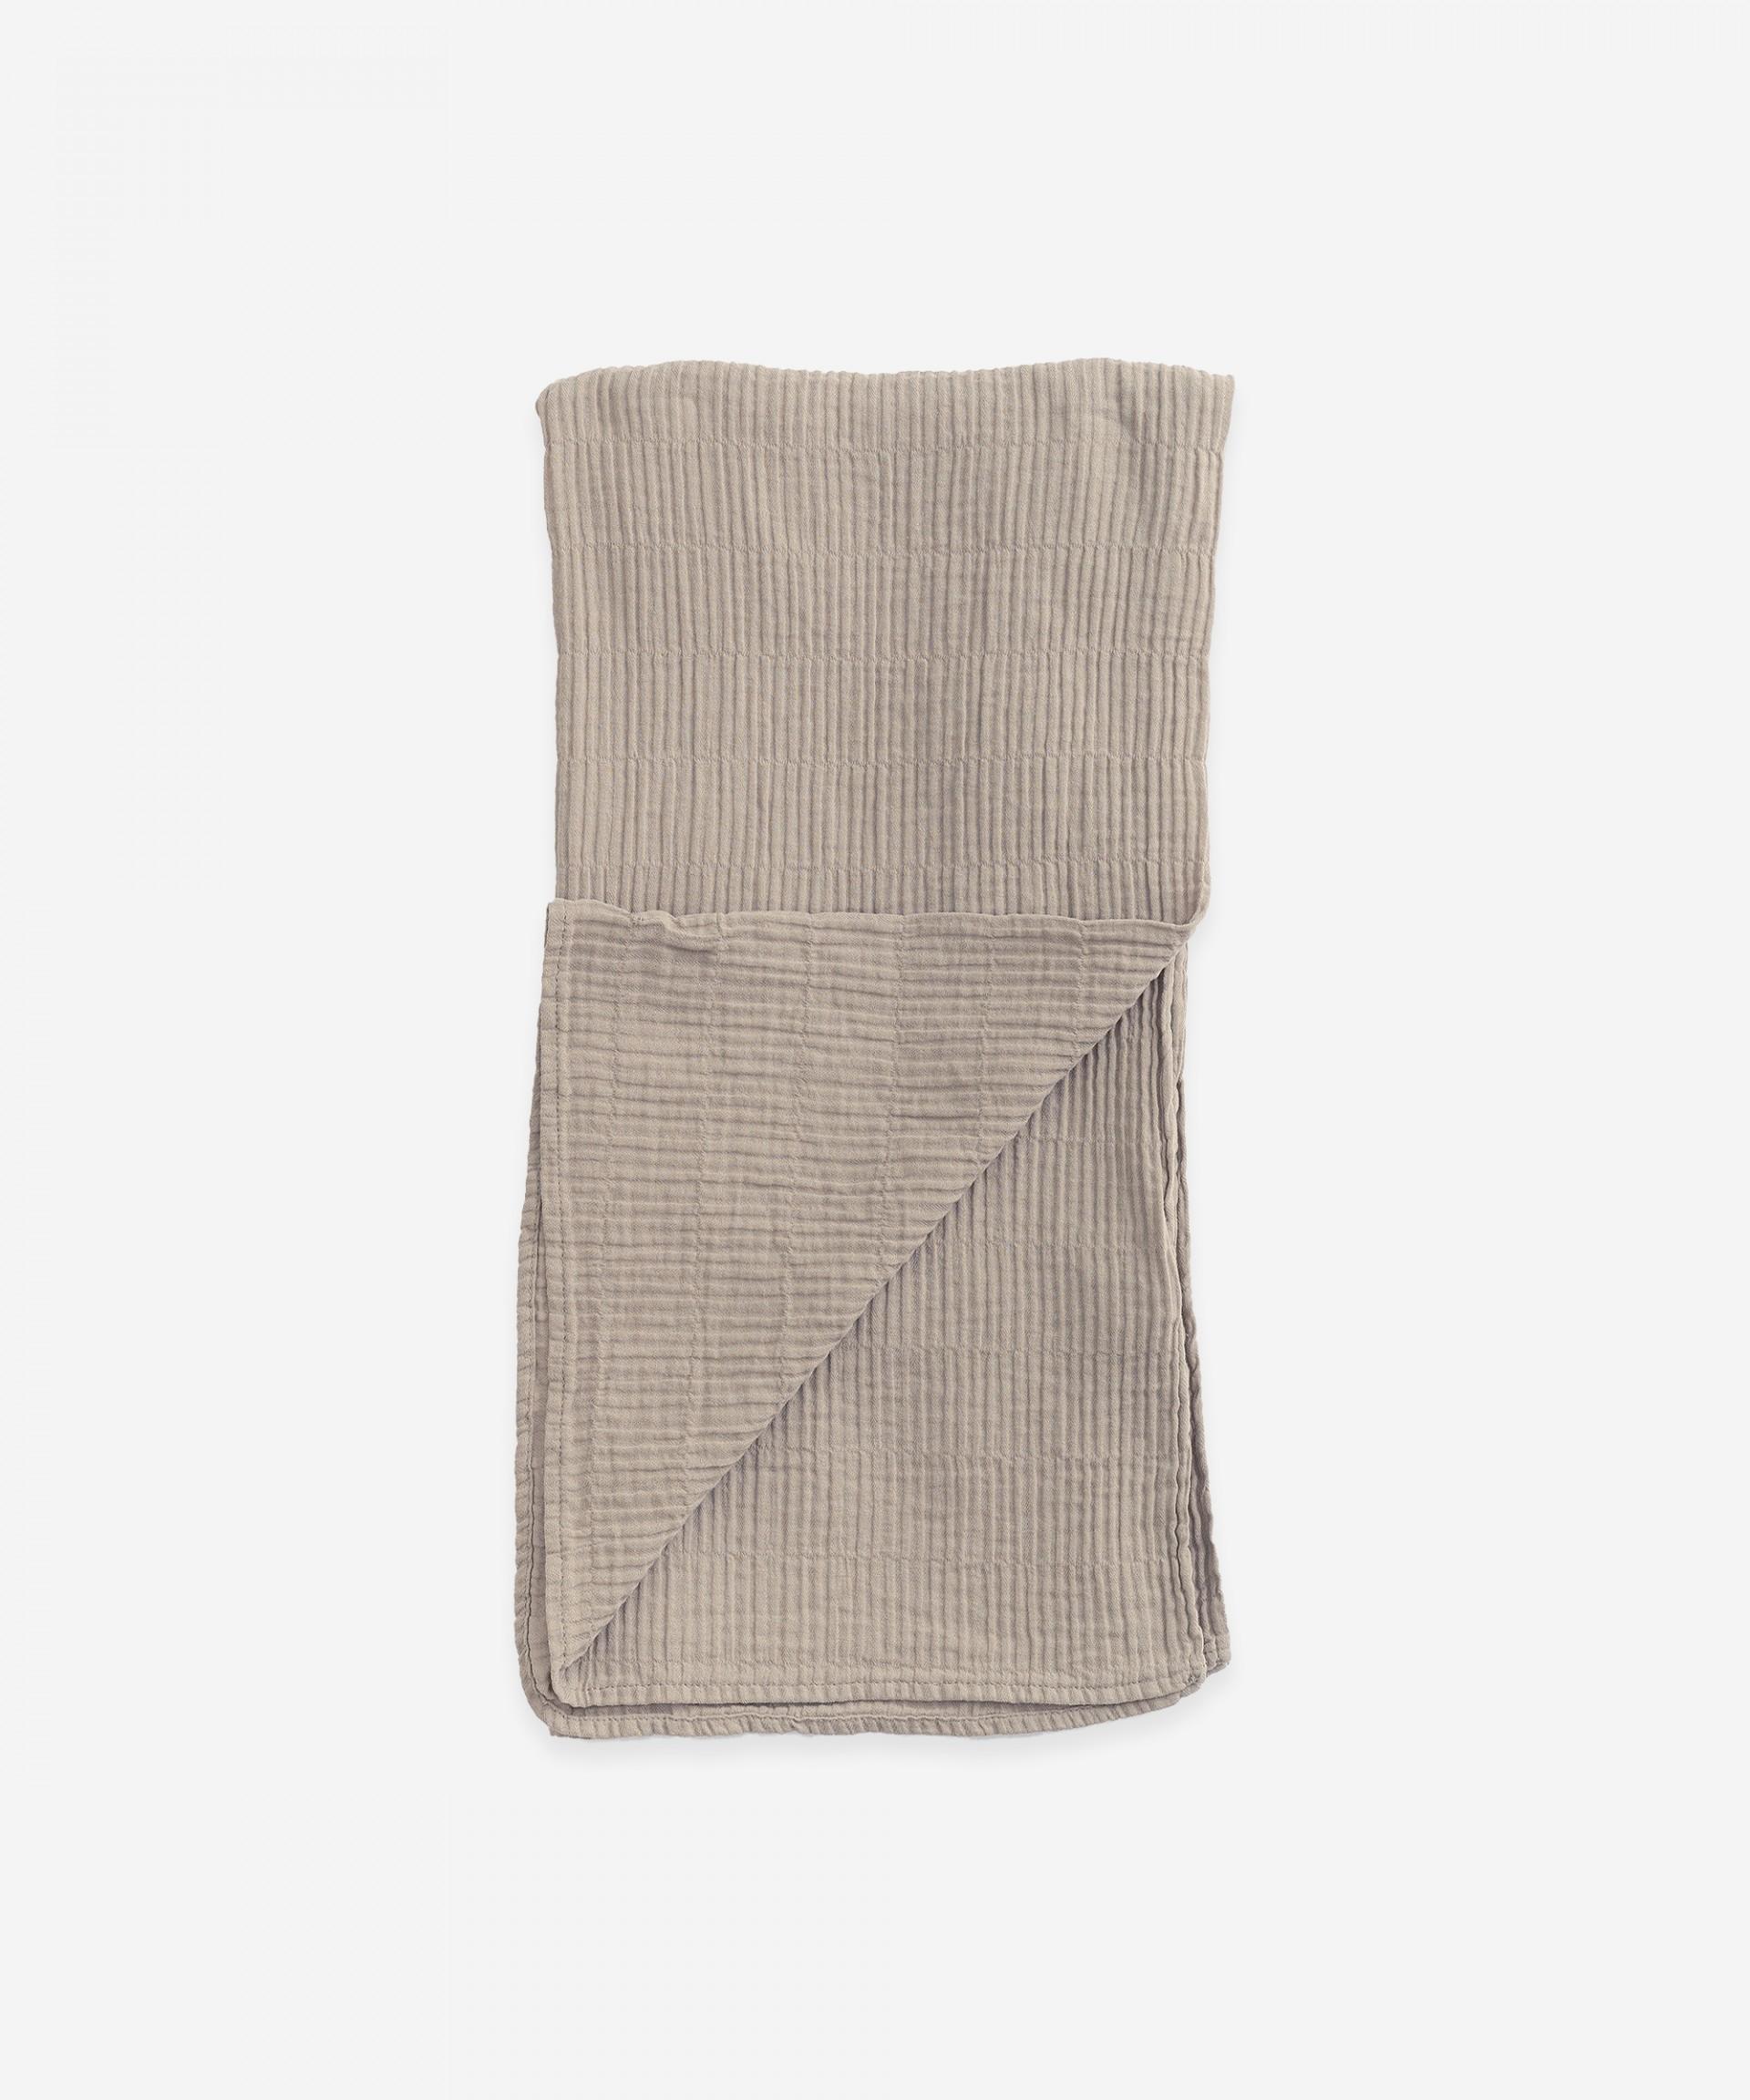 Musselina de tecido em algodão| Botany